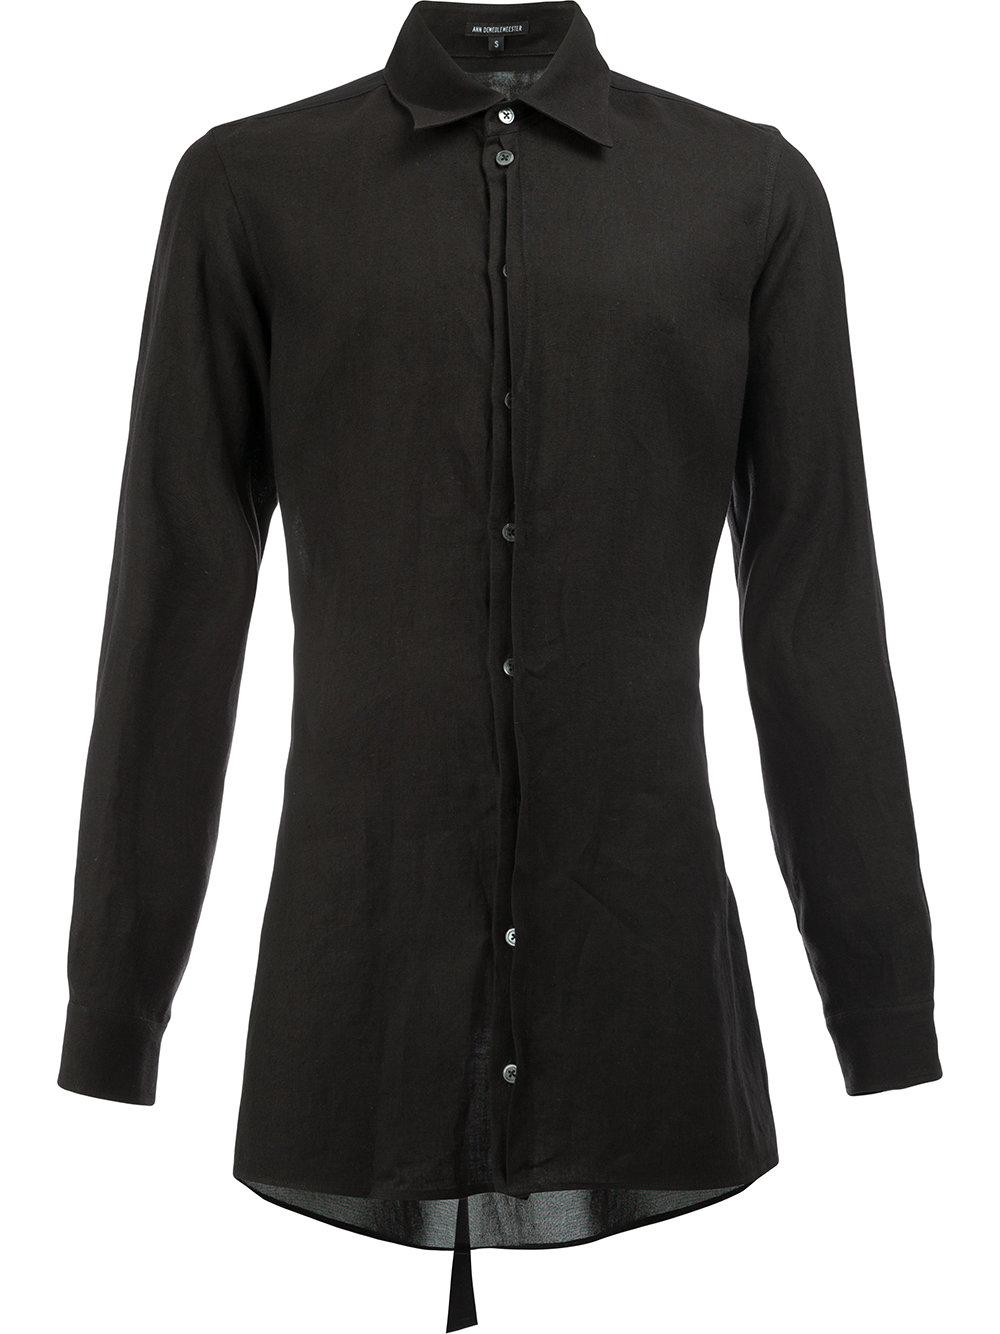 Ann Demeulemeester Super Slim Fit Shirt In Black For Men